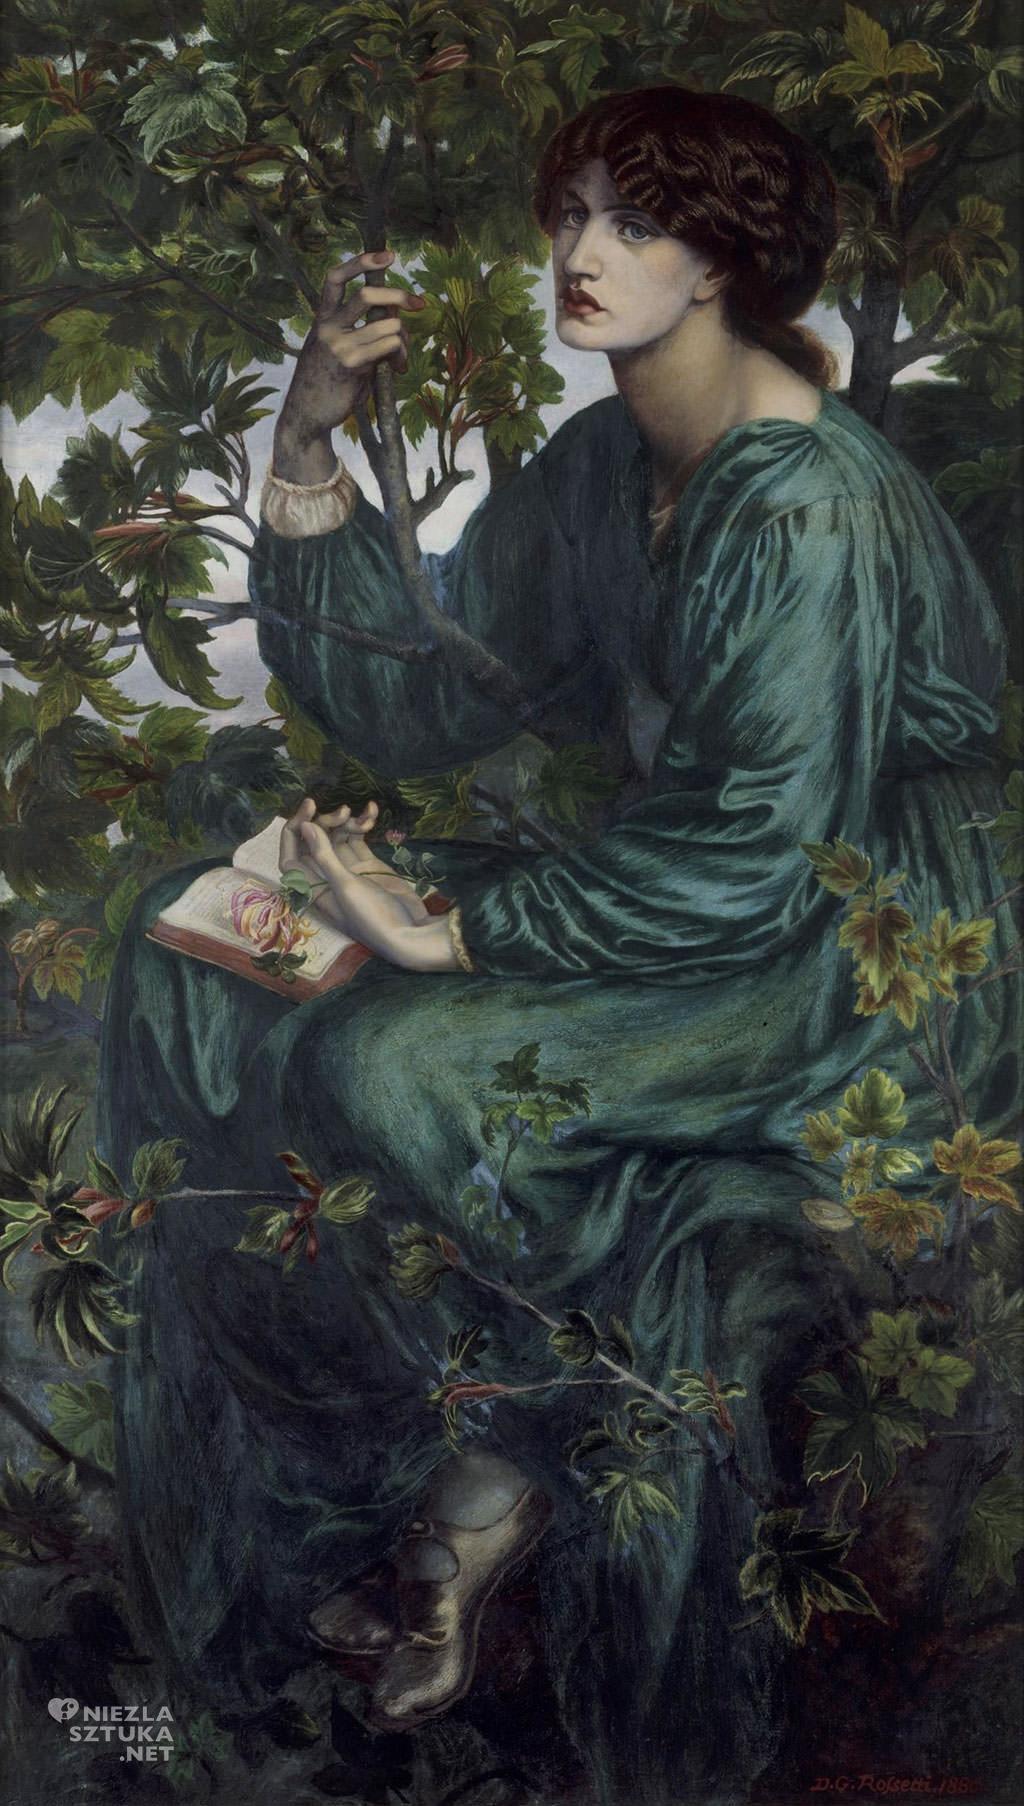 Dante Gabriel Rossetti, Jane Morris, Prerafaelici, The Day dream, Victoria and Albert Museum, Londyn, Niezła sztuka